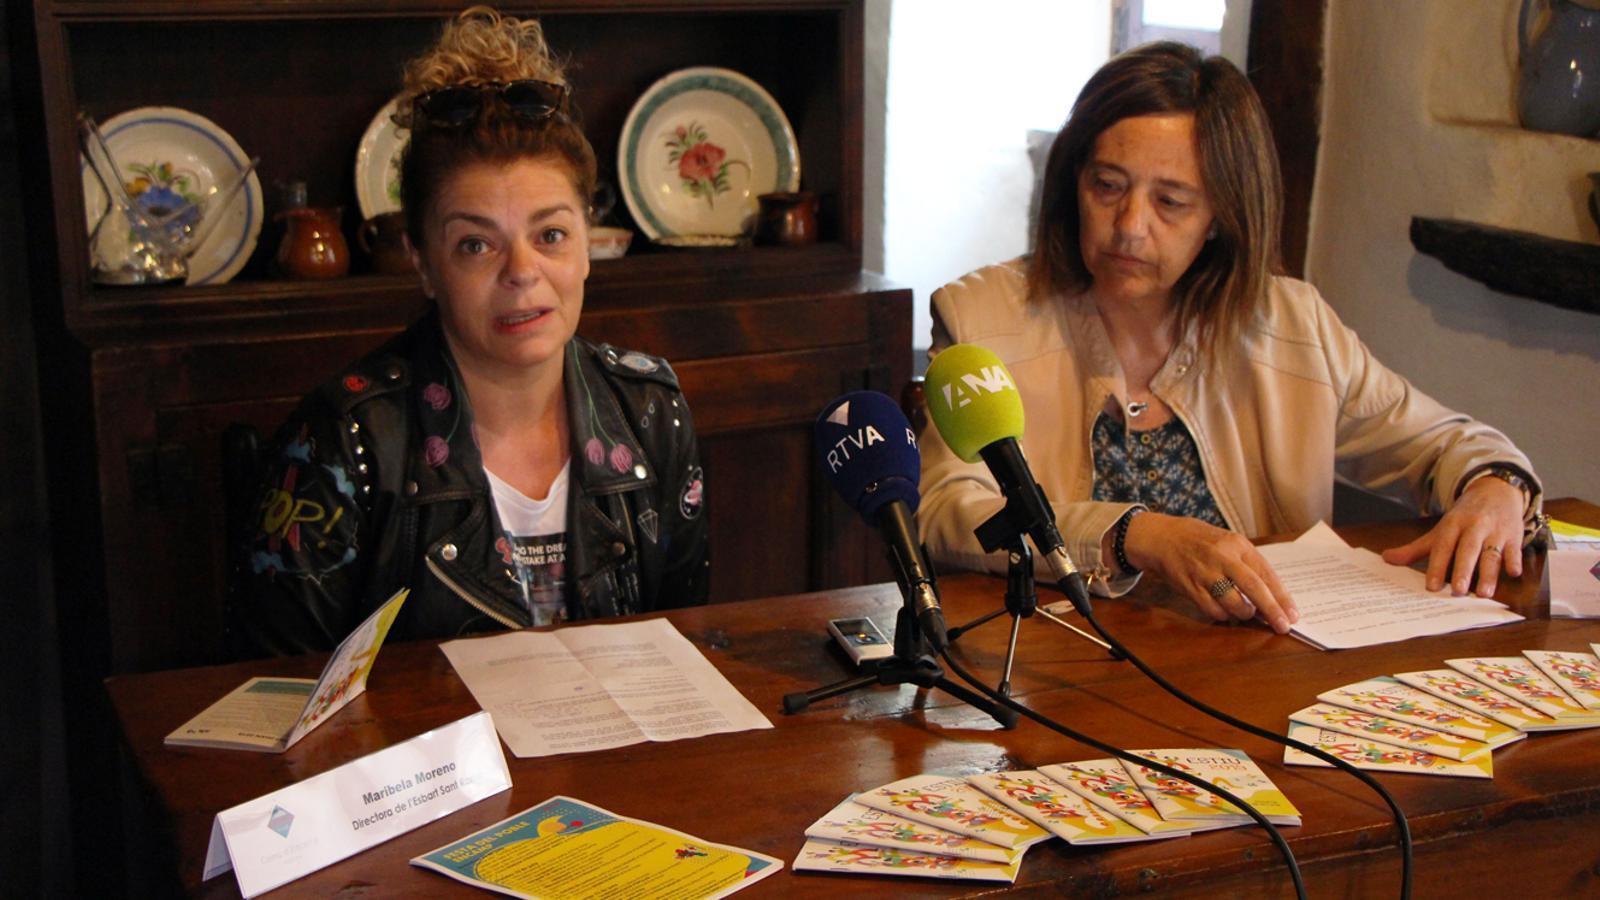 La directora de l'Esbart Sant Romà, Maribela Moreno, i la cònsol menor d'Encamp, Esther París, presenten les activitats d'estiu de la parròquia. / T. N. (ANA)